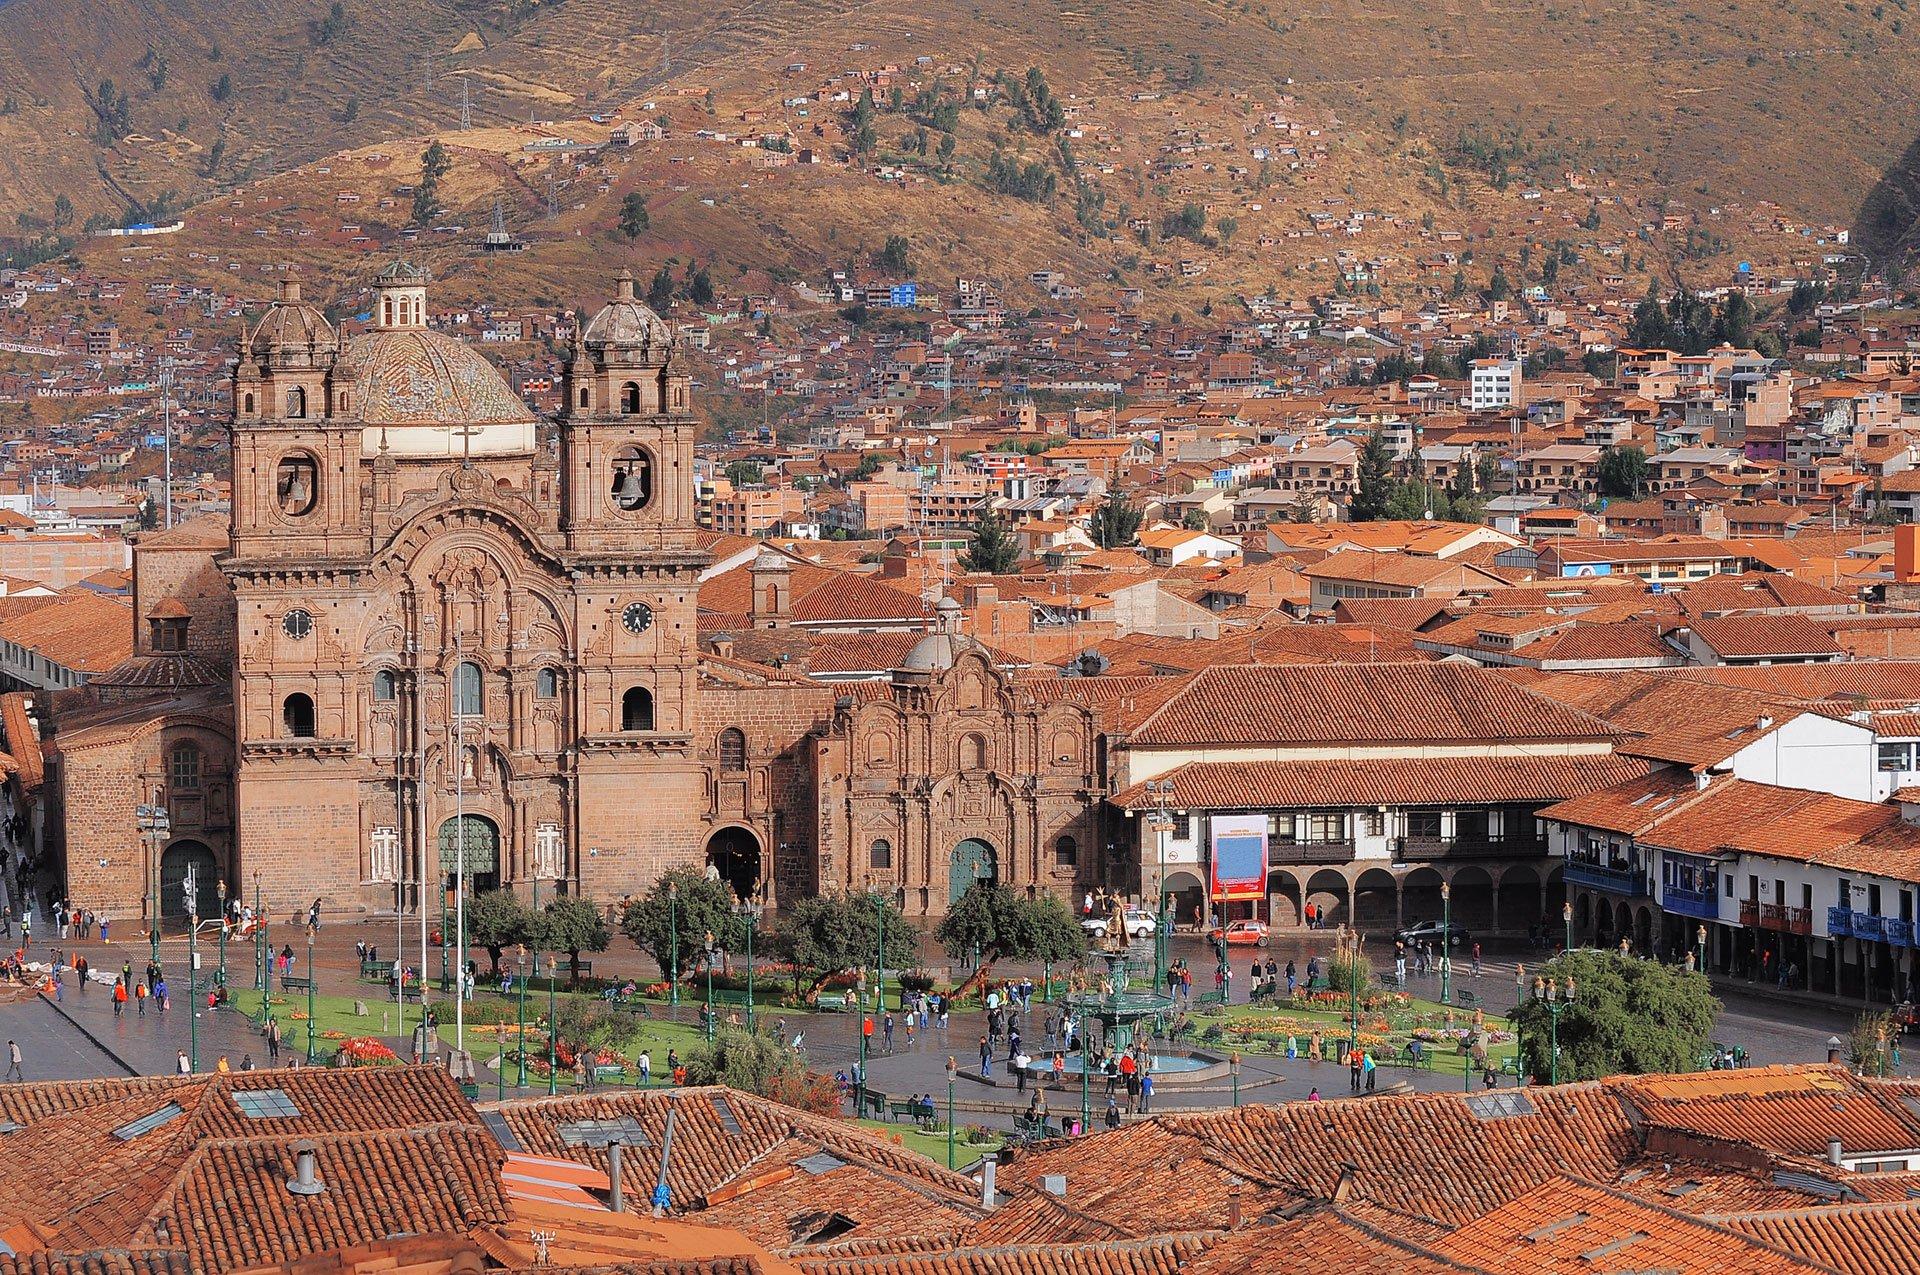 Cuzco (Perú)Fue la capital del Imperio inca y una de las ciudades más importantes del Virreinato del Perú. De ambos hechos enfrentados bebe su historia, que mezcla preciosos edificios de la época de dominio español con impresionantes restos de la civilización precolombina, como los sillares de Sacsayhuaman. Es, además, la puerta de entrada al imponente Machu Picchu, la joya inca. La altitud de Cuzco –3.300 metros– produce una sensación extraña en el visitante que acrecienta el hechizo de sus calles